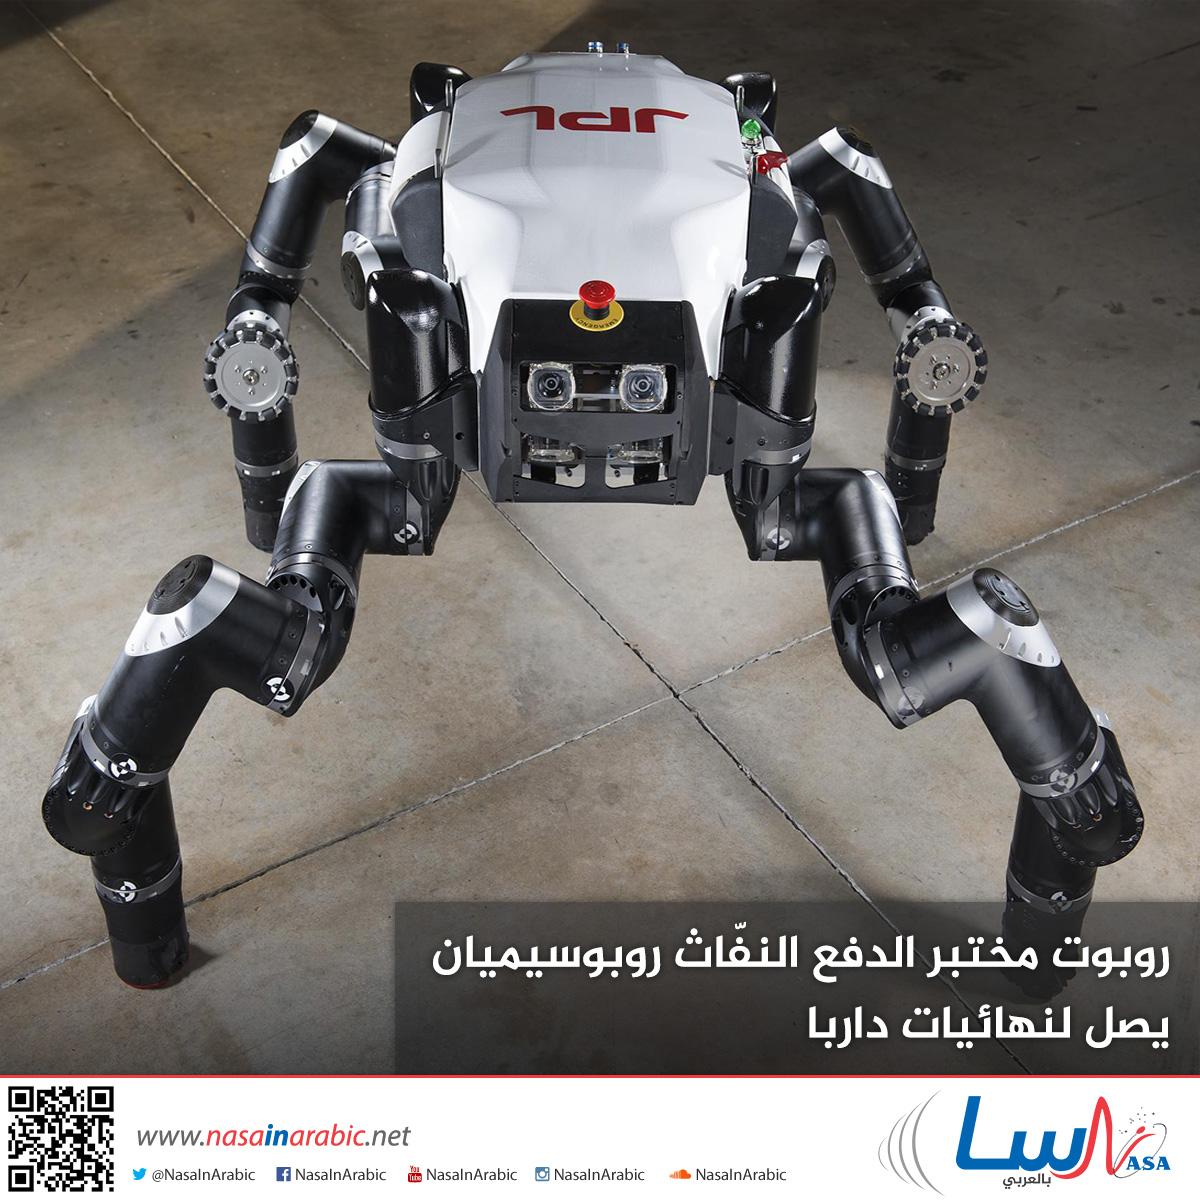 روبوت مختبر الدفع النفّاث روبوسيميان يصل لنهائيات داربا